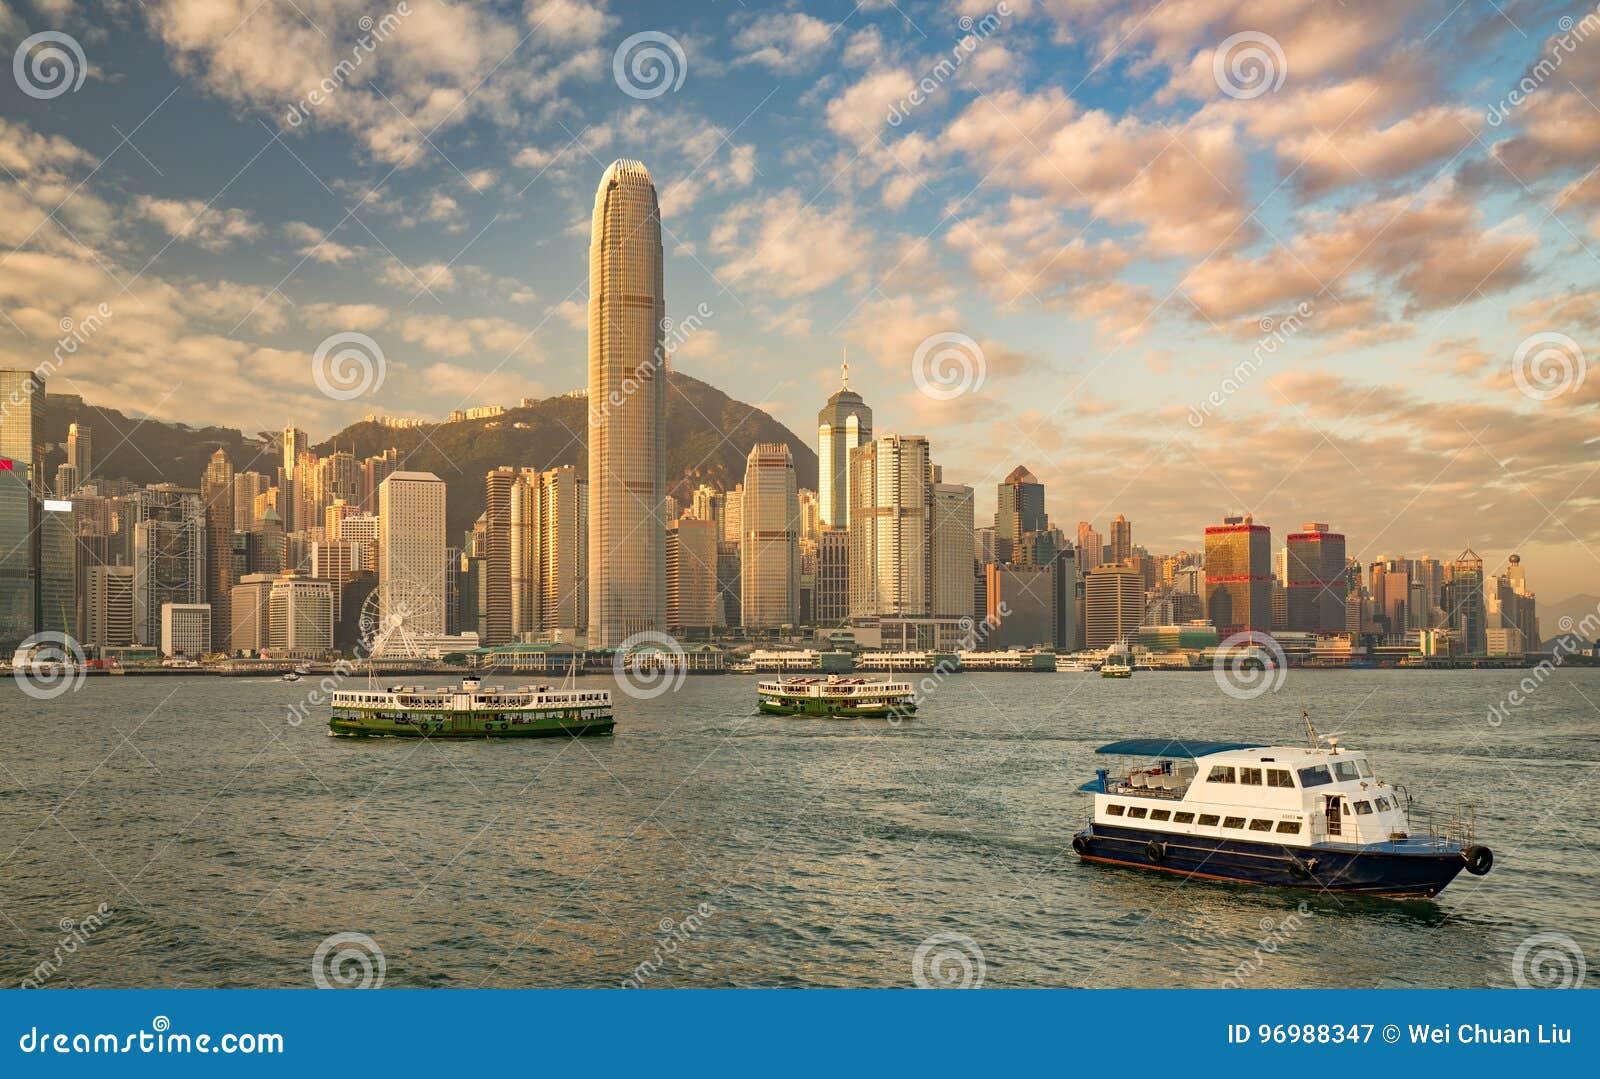 Hong Kong harbor at sunrise